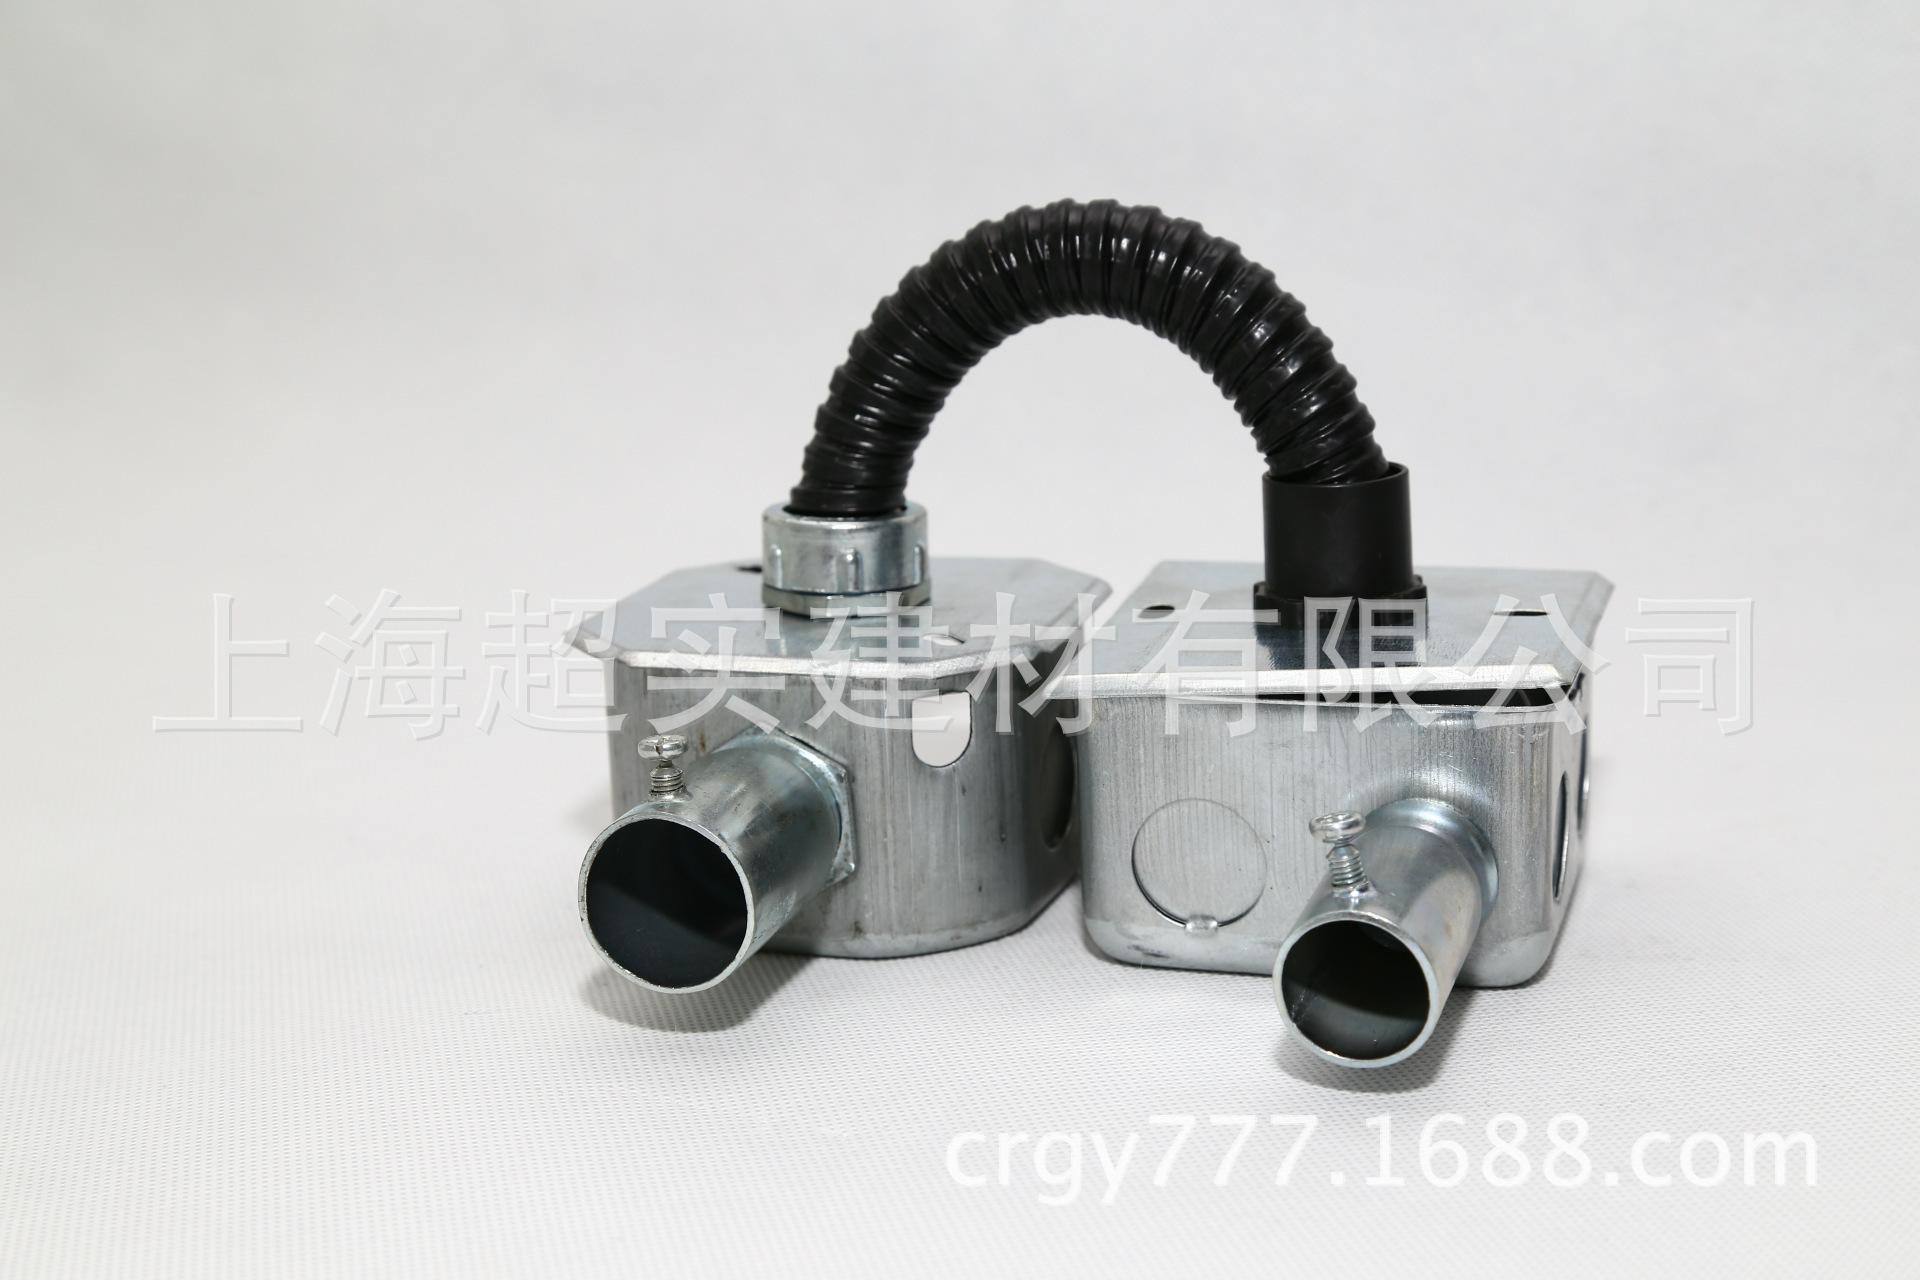 16包塑金属软管 蛇皮穿线管 波纹管厂家批发示例图6